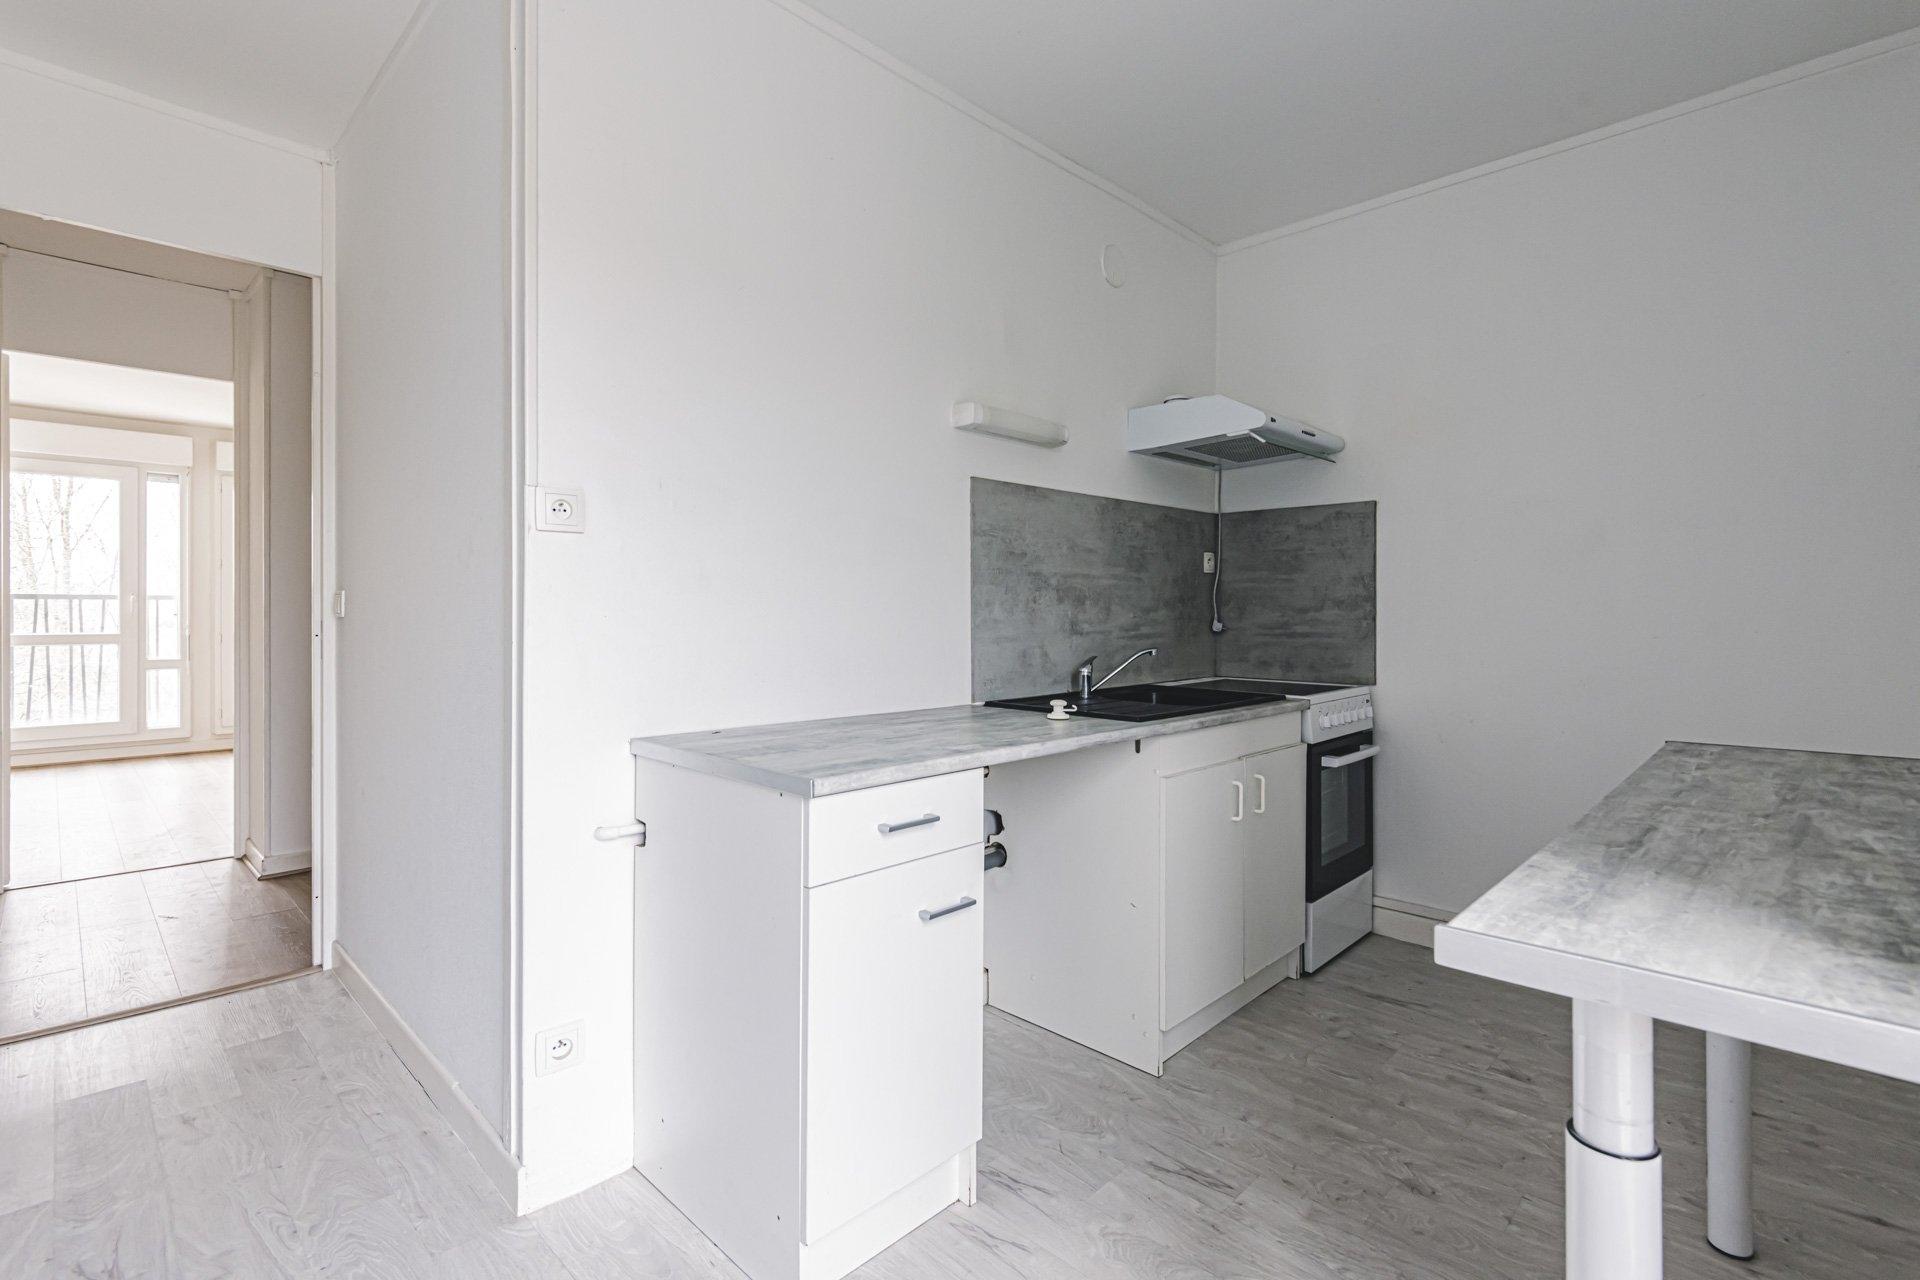 Appartement Reims 4 Pièces 69.2 m2 - 4